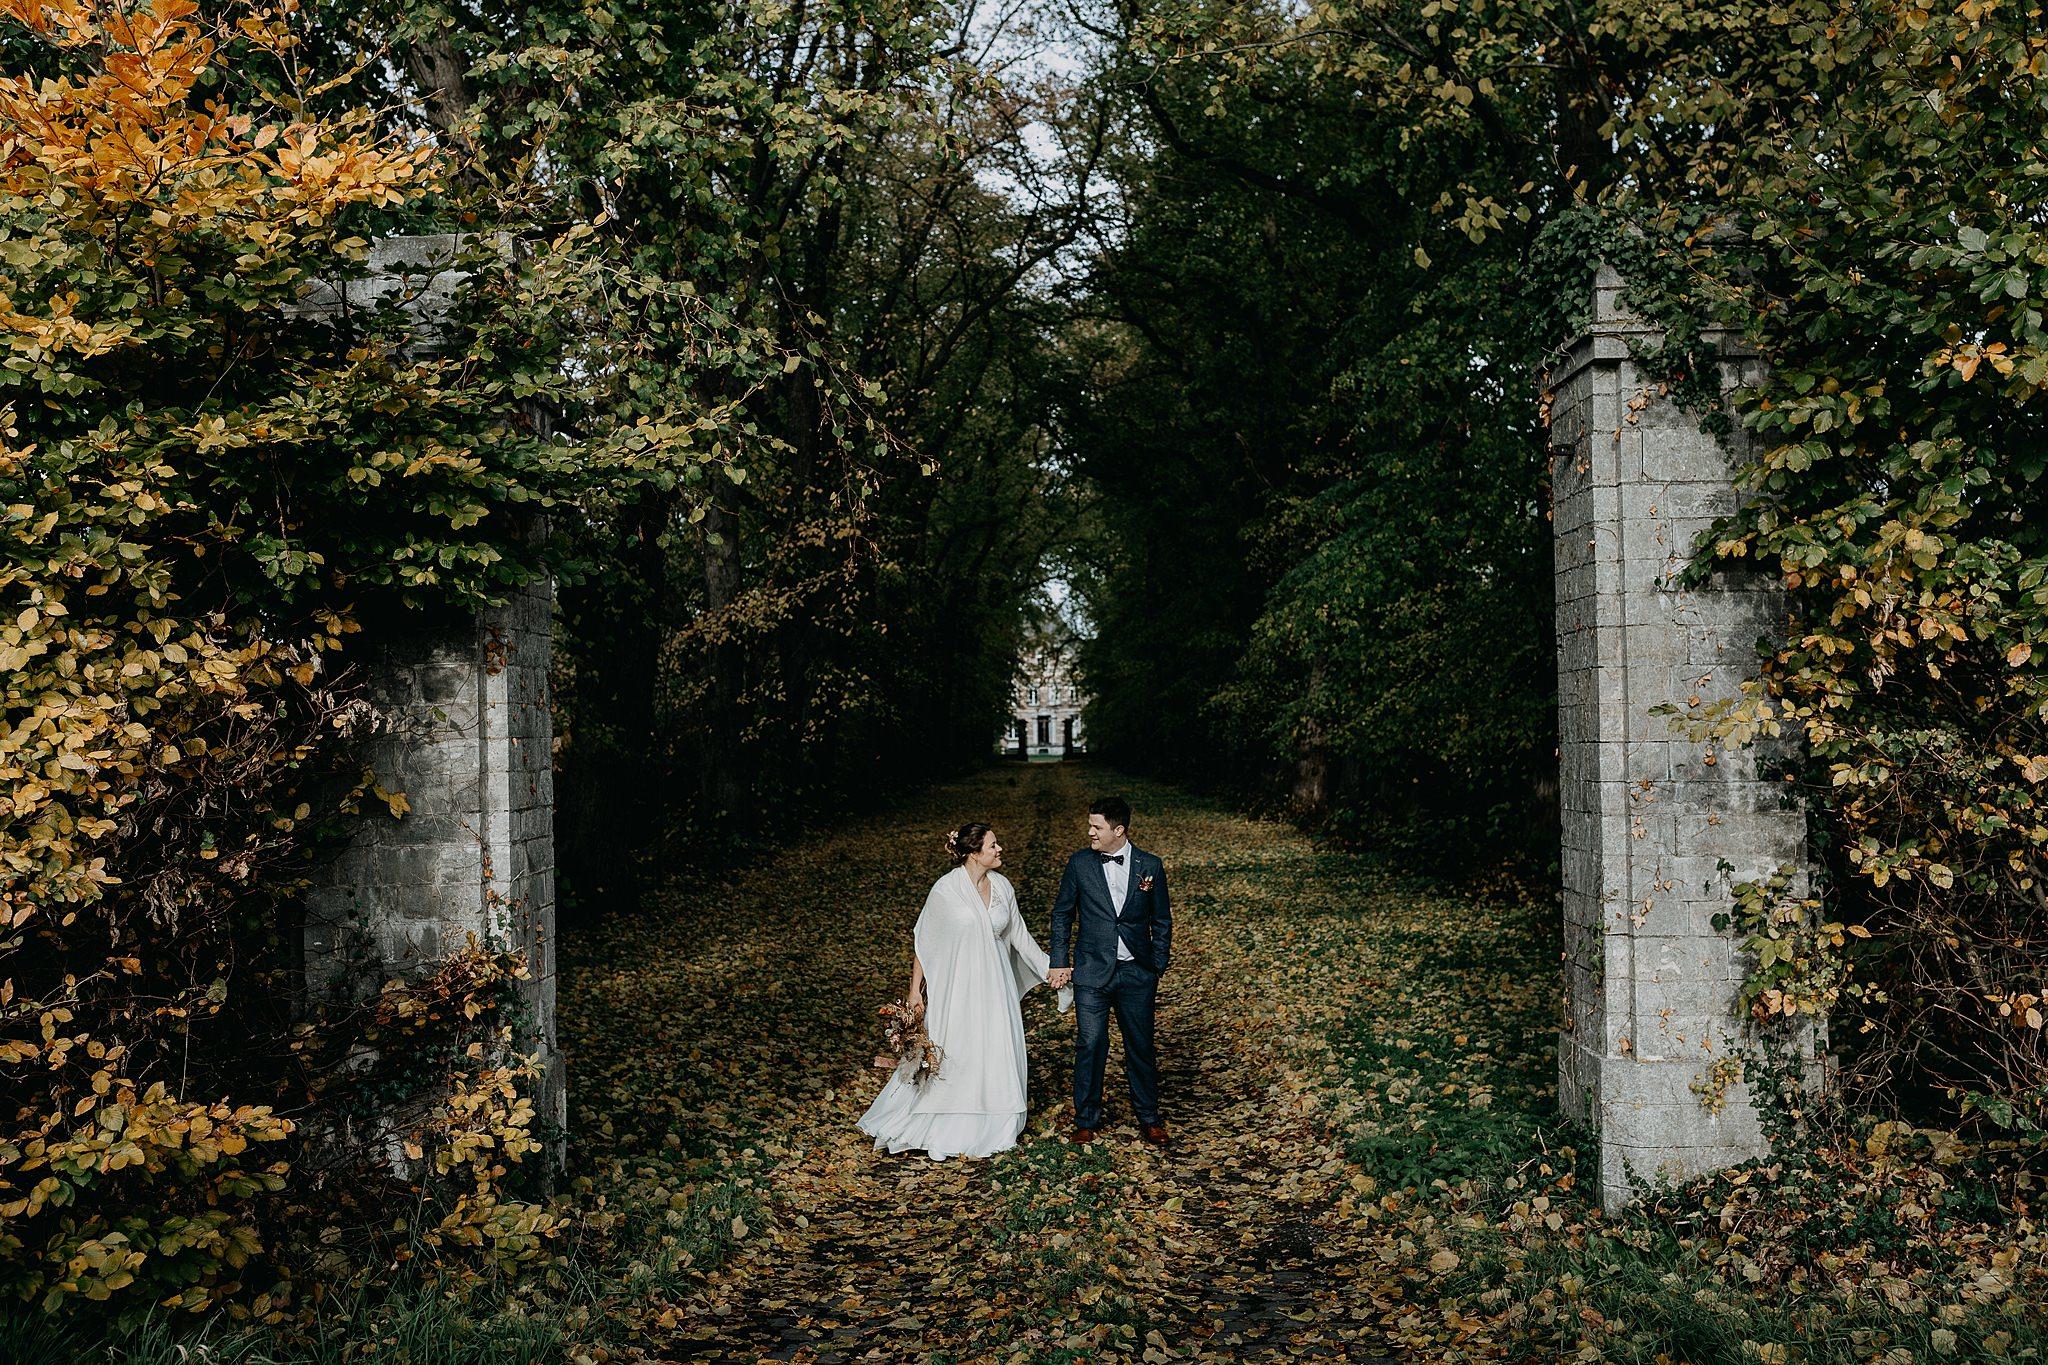 Kasteel van Oorbeek bruidspaar wandelt stenen poort